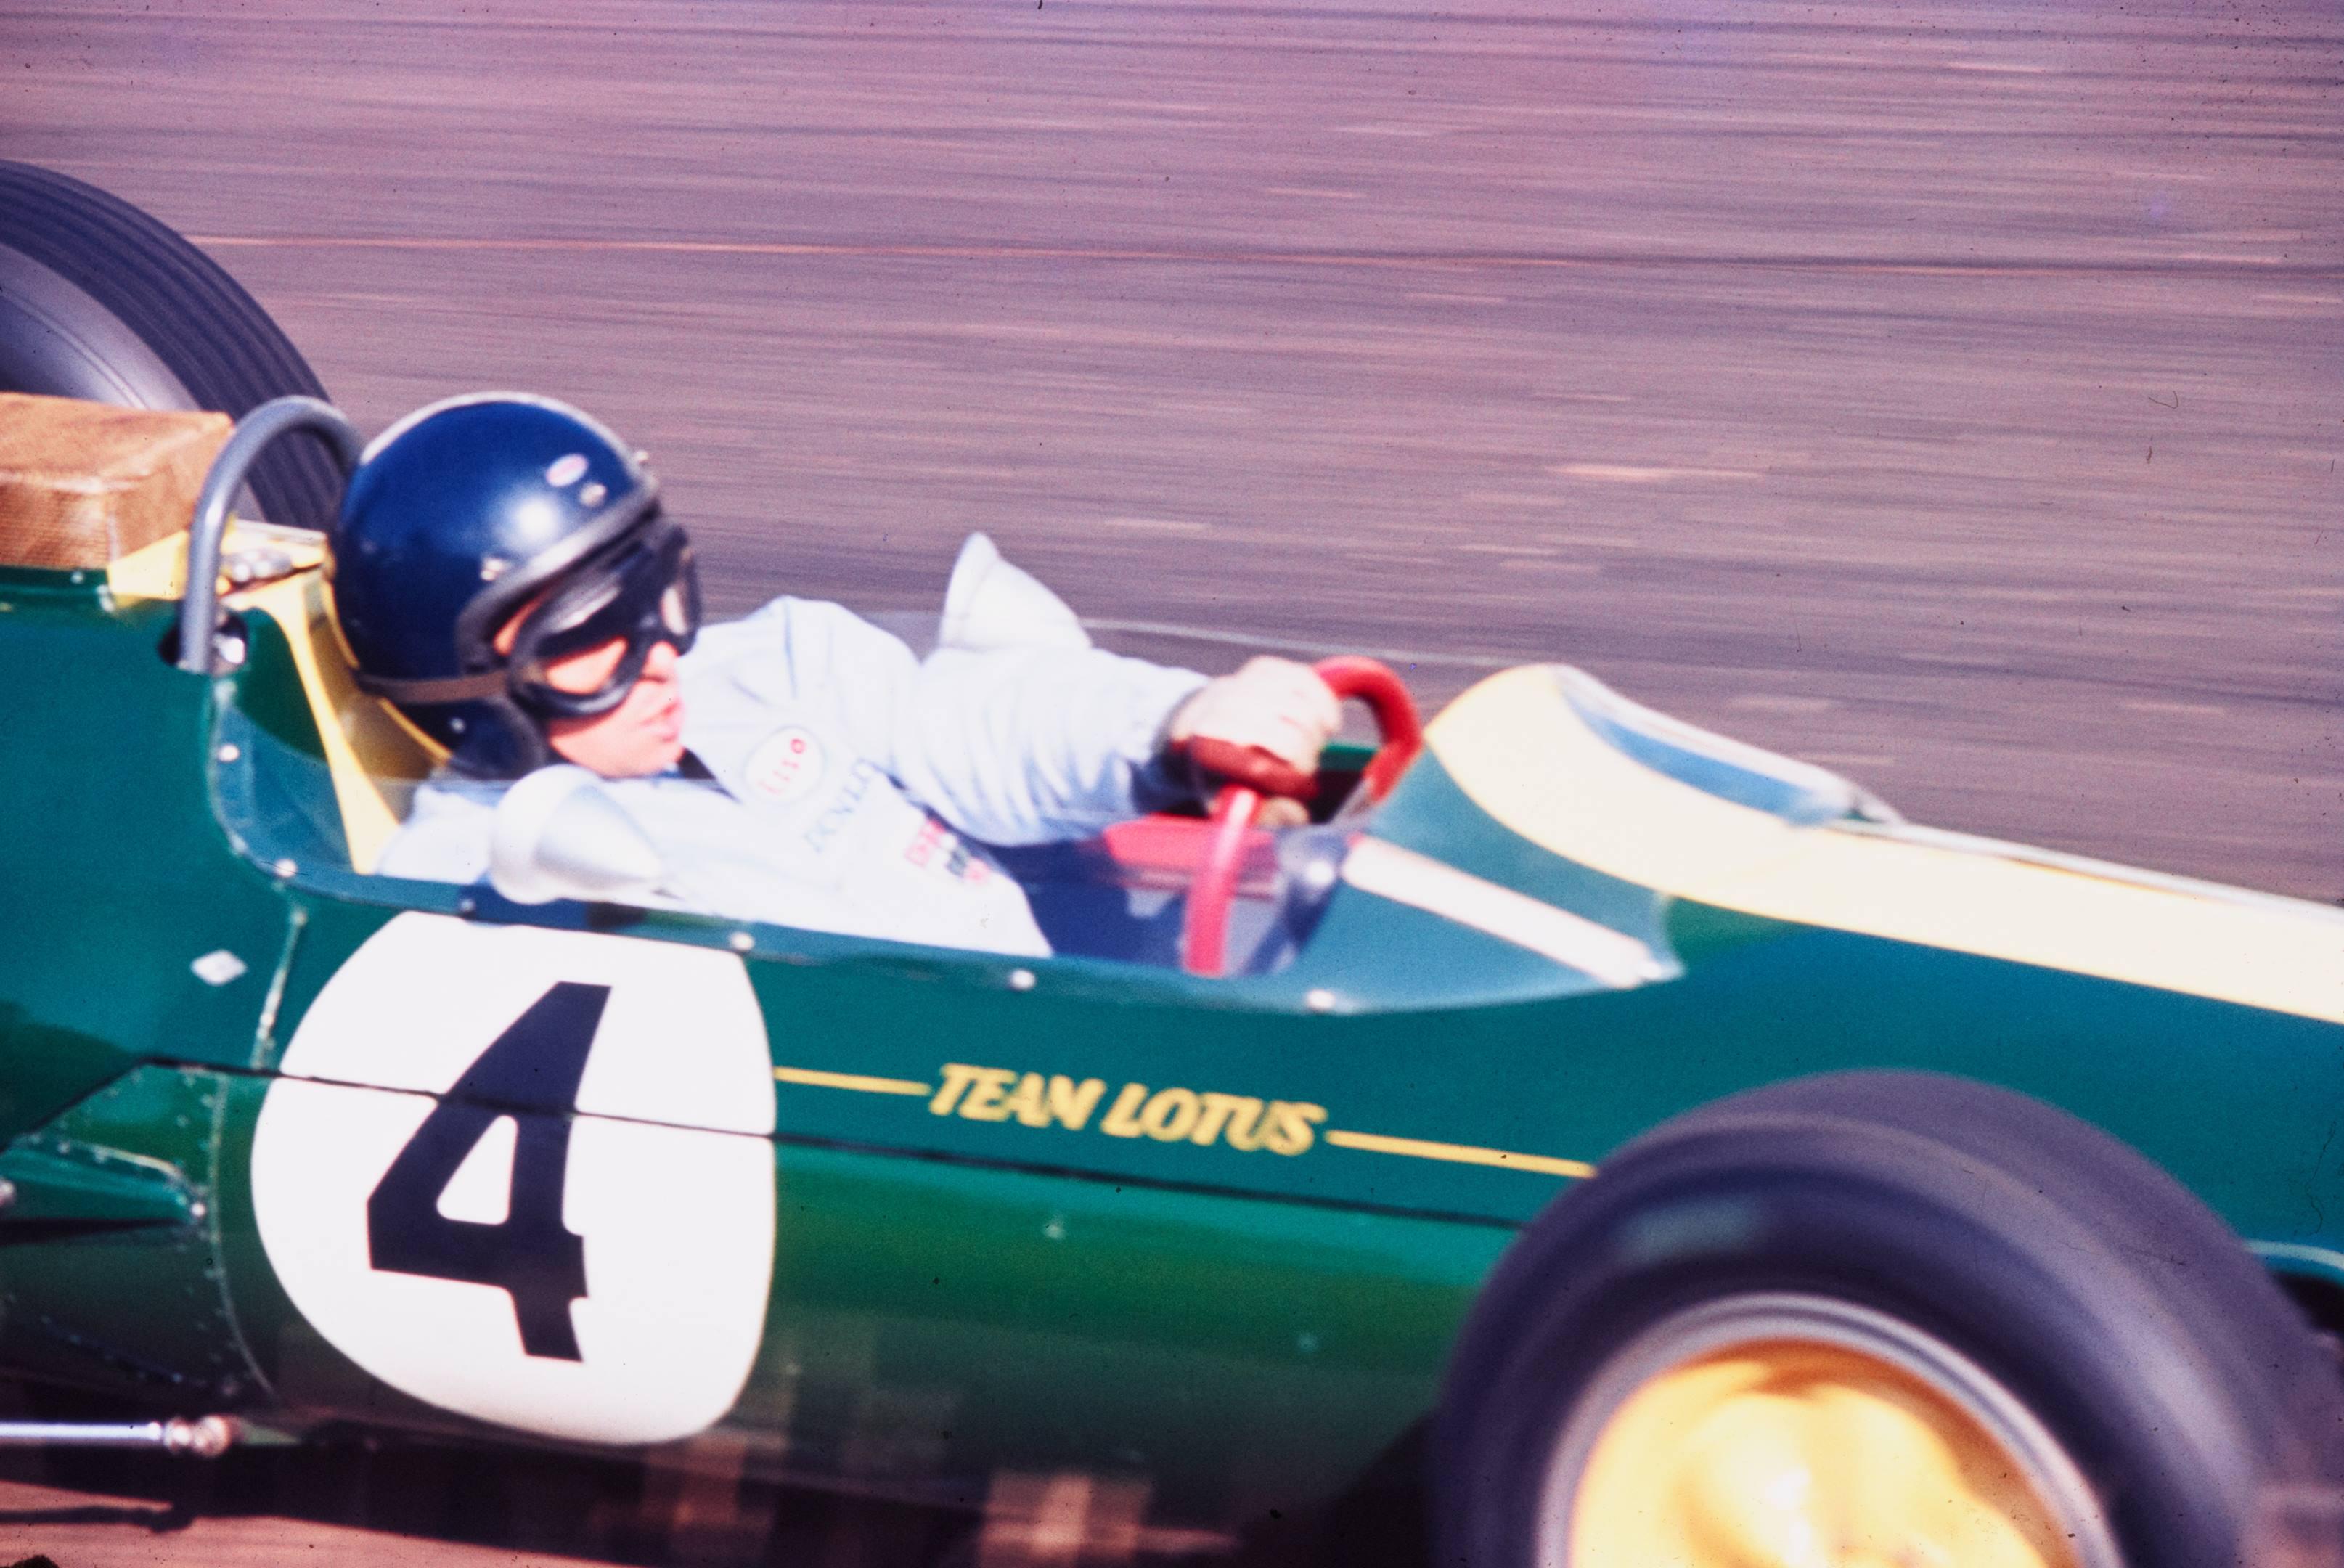 jim clark team lotus number 4 green corner